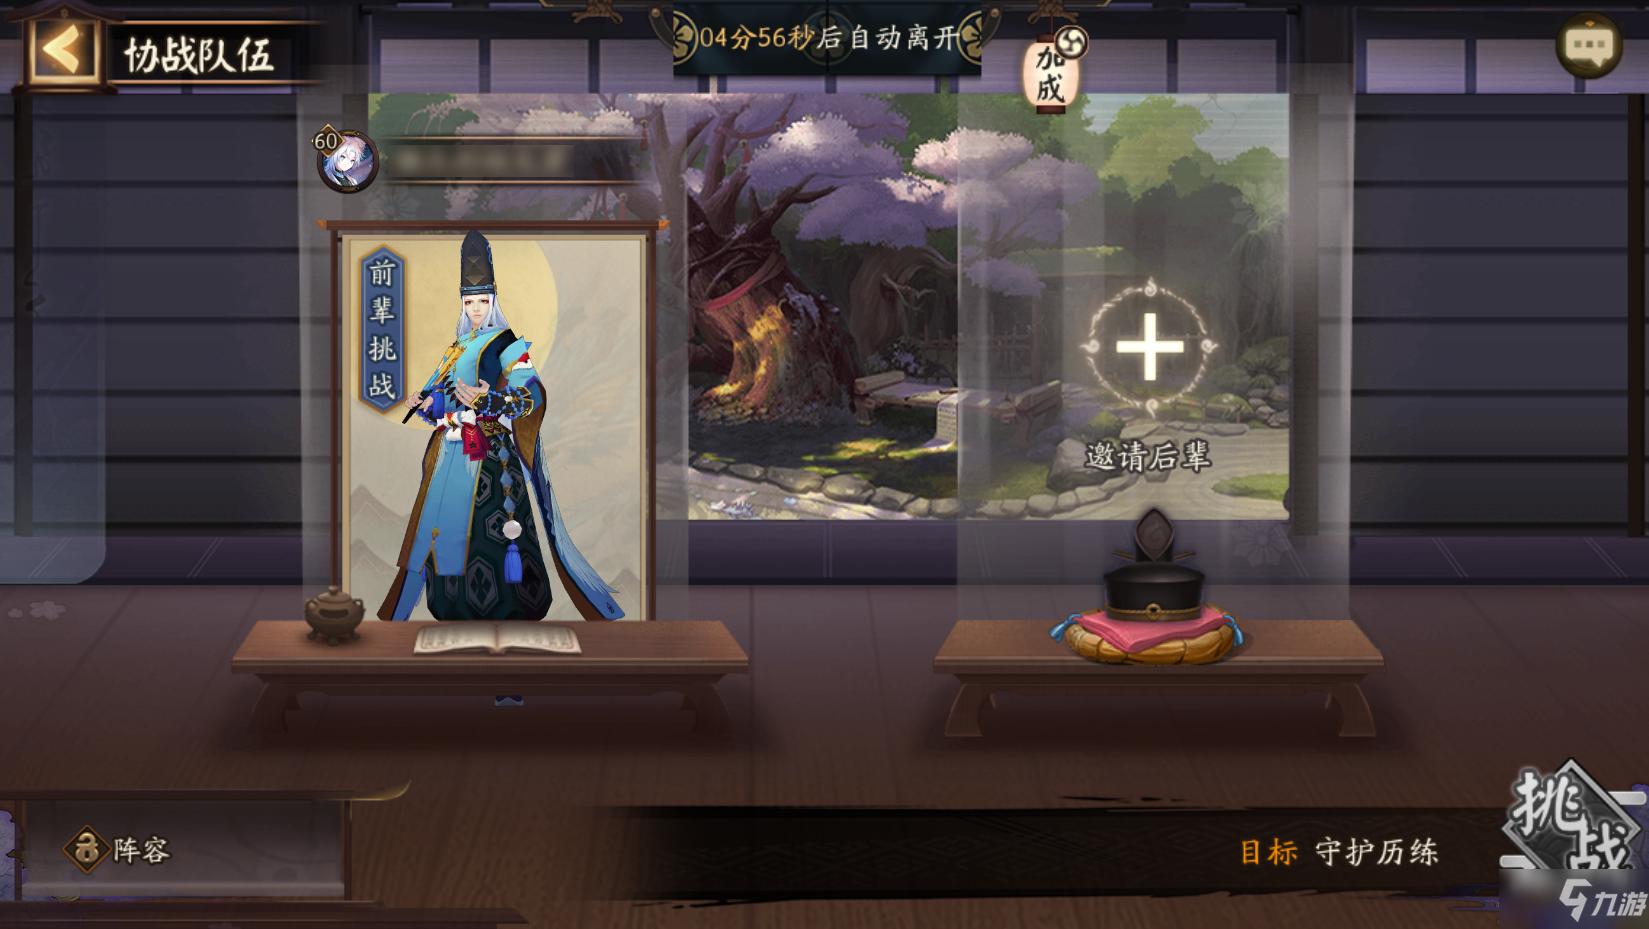 《阴阳师》守护历练介绍 守护历练常驻副本玩法一览